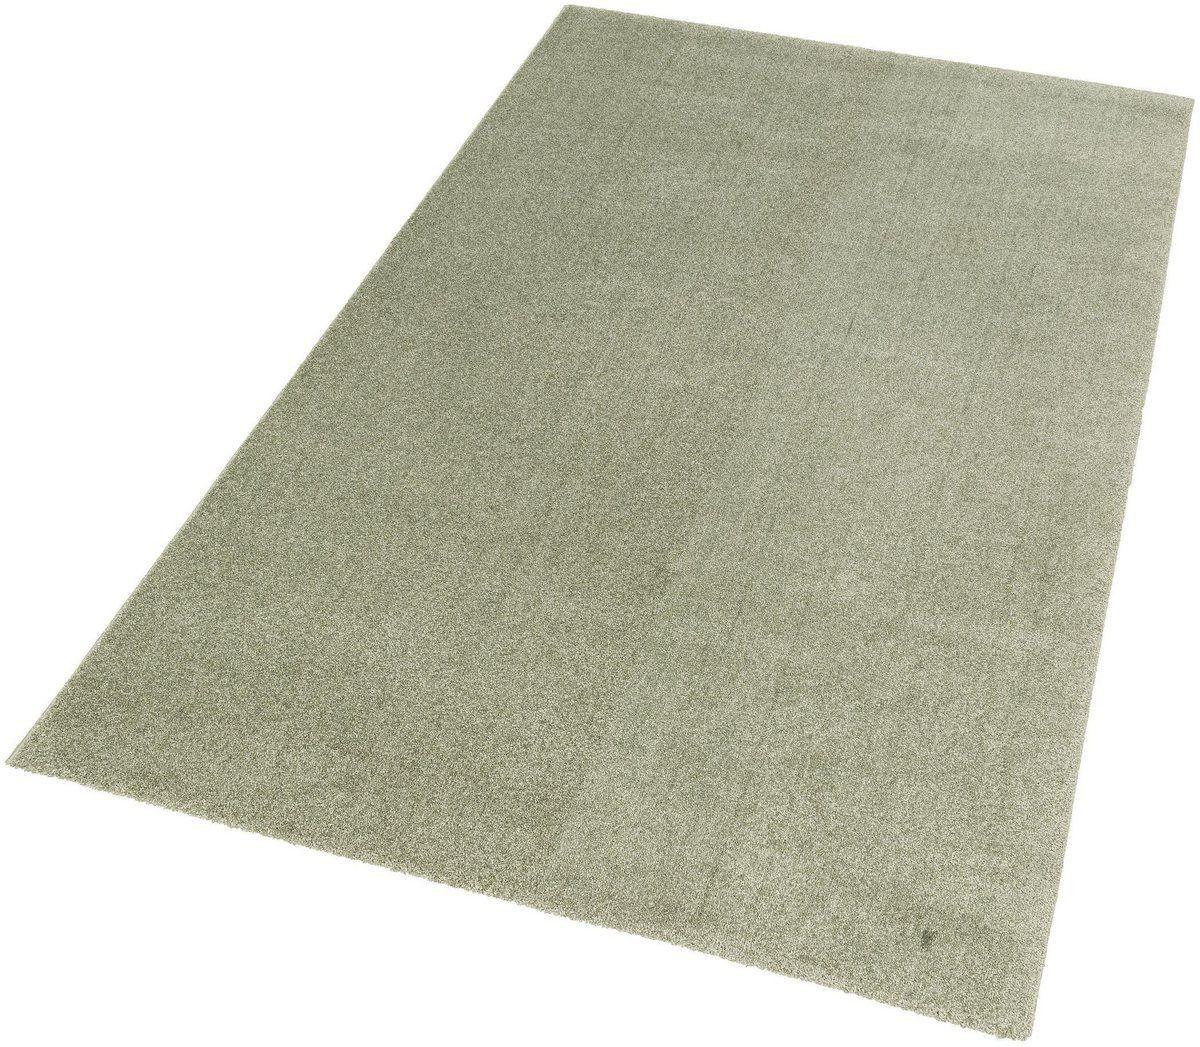 Teppich Melody Rechteckig Hohe 20 Mm Wunschmass Mit Bildern Teppich Teppich Online Kaufen Schoner Wohnen